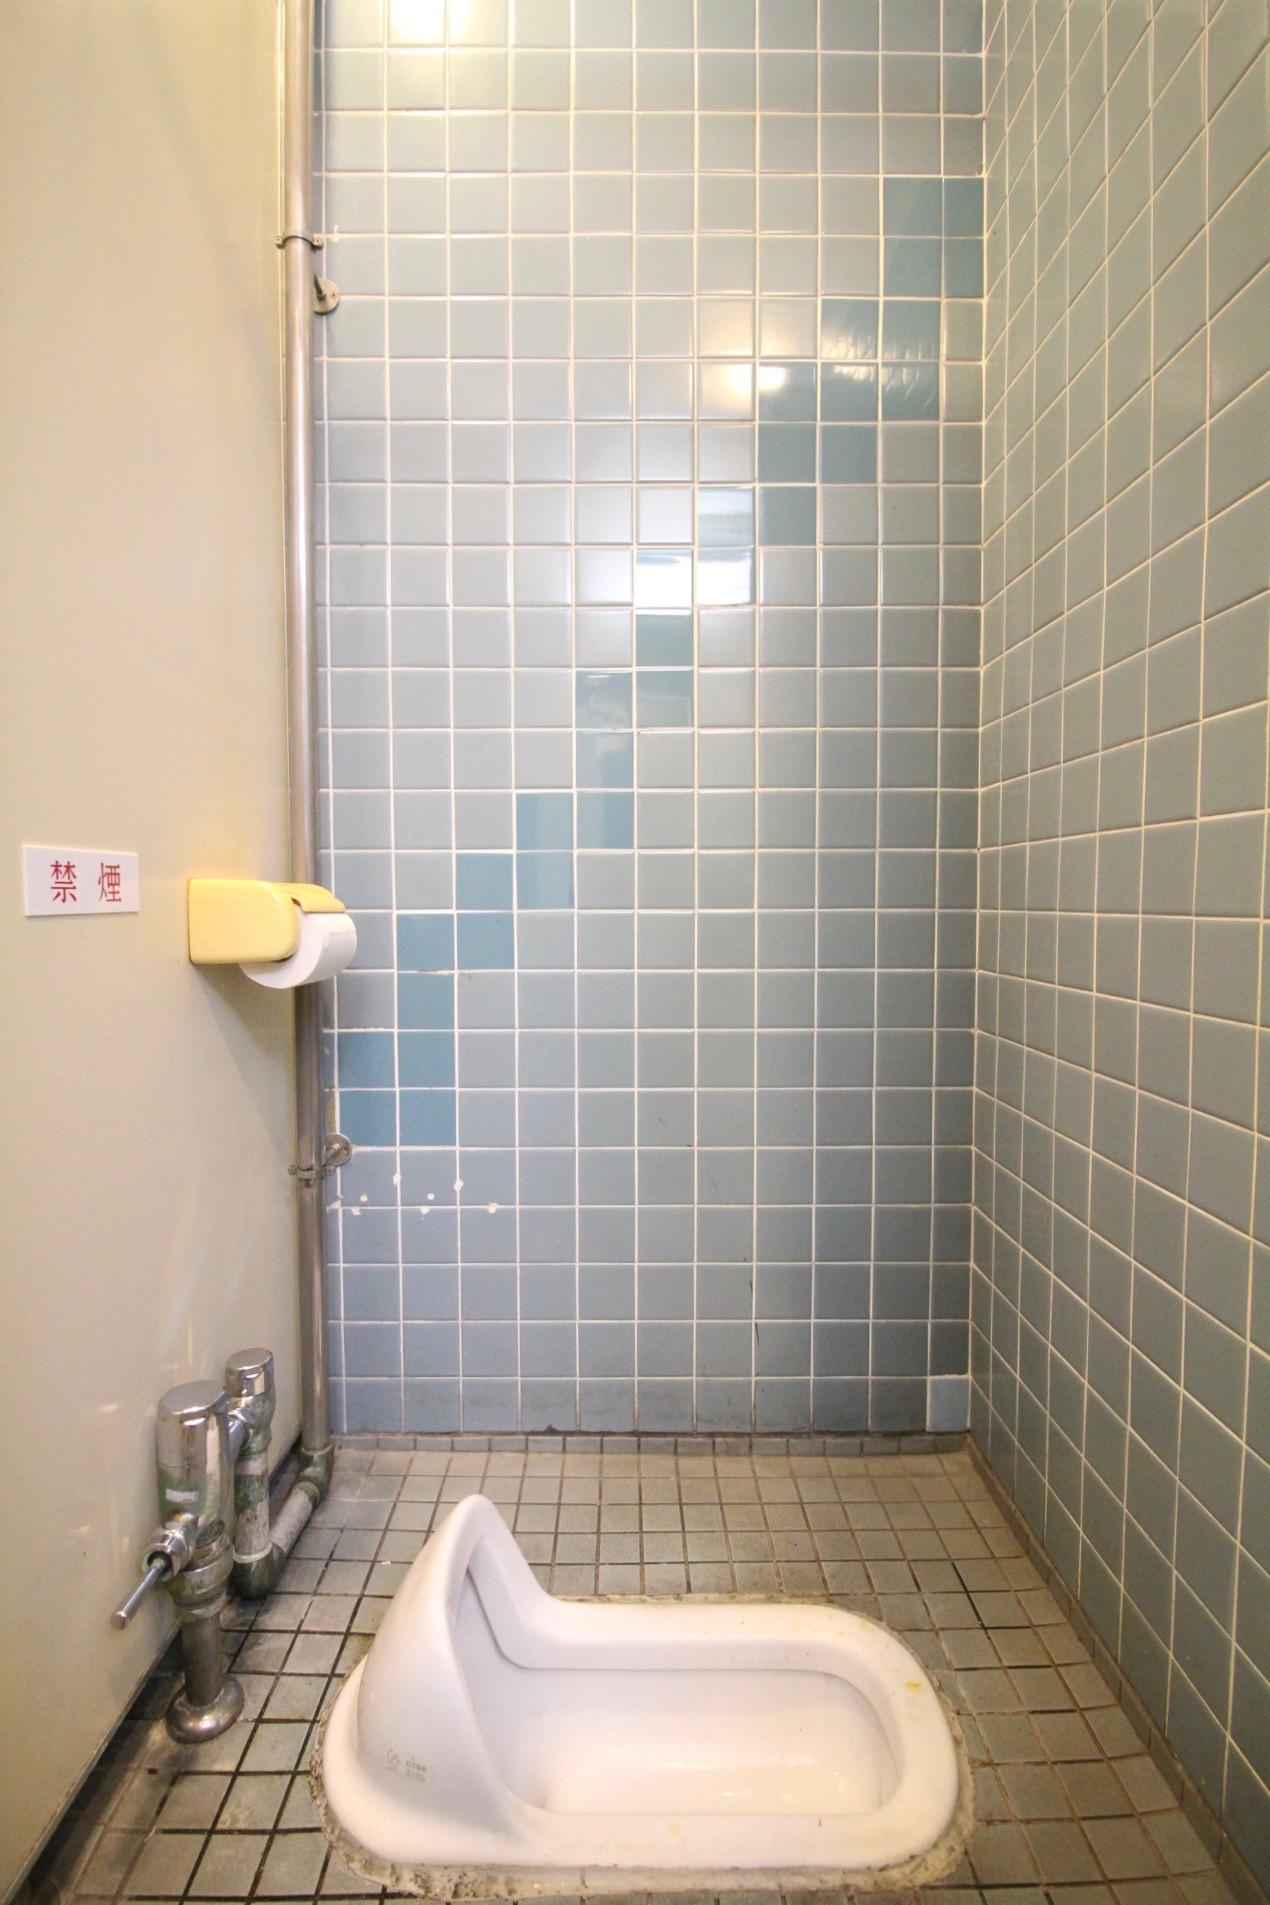 トイレ(男性専用は和式のみ)